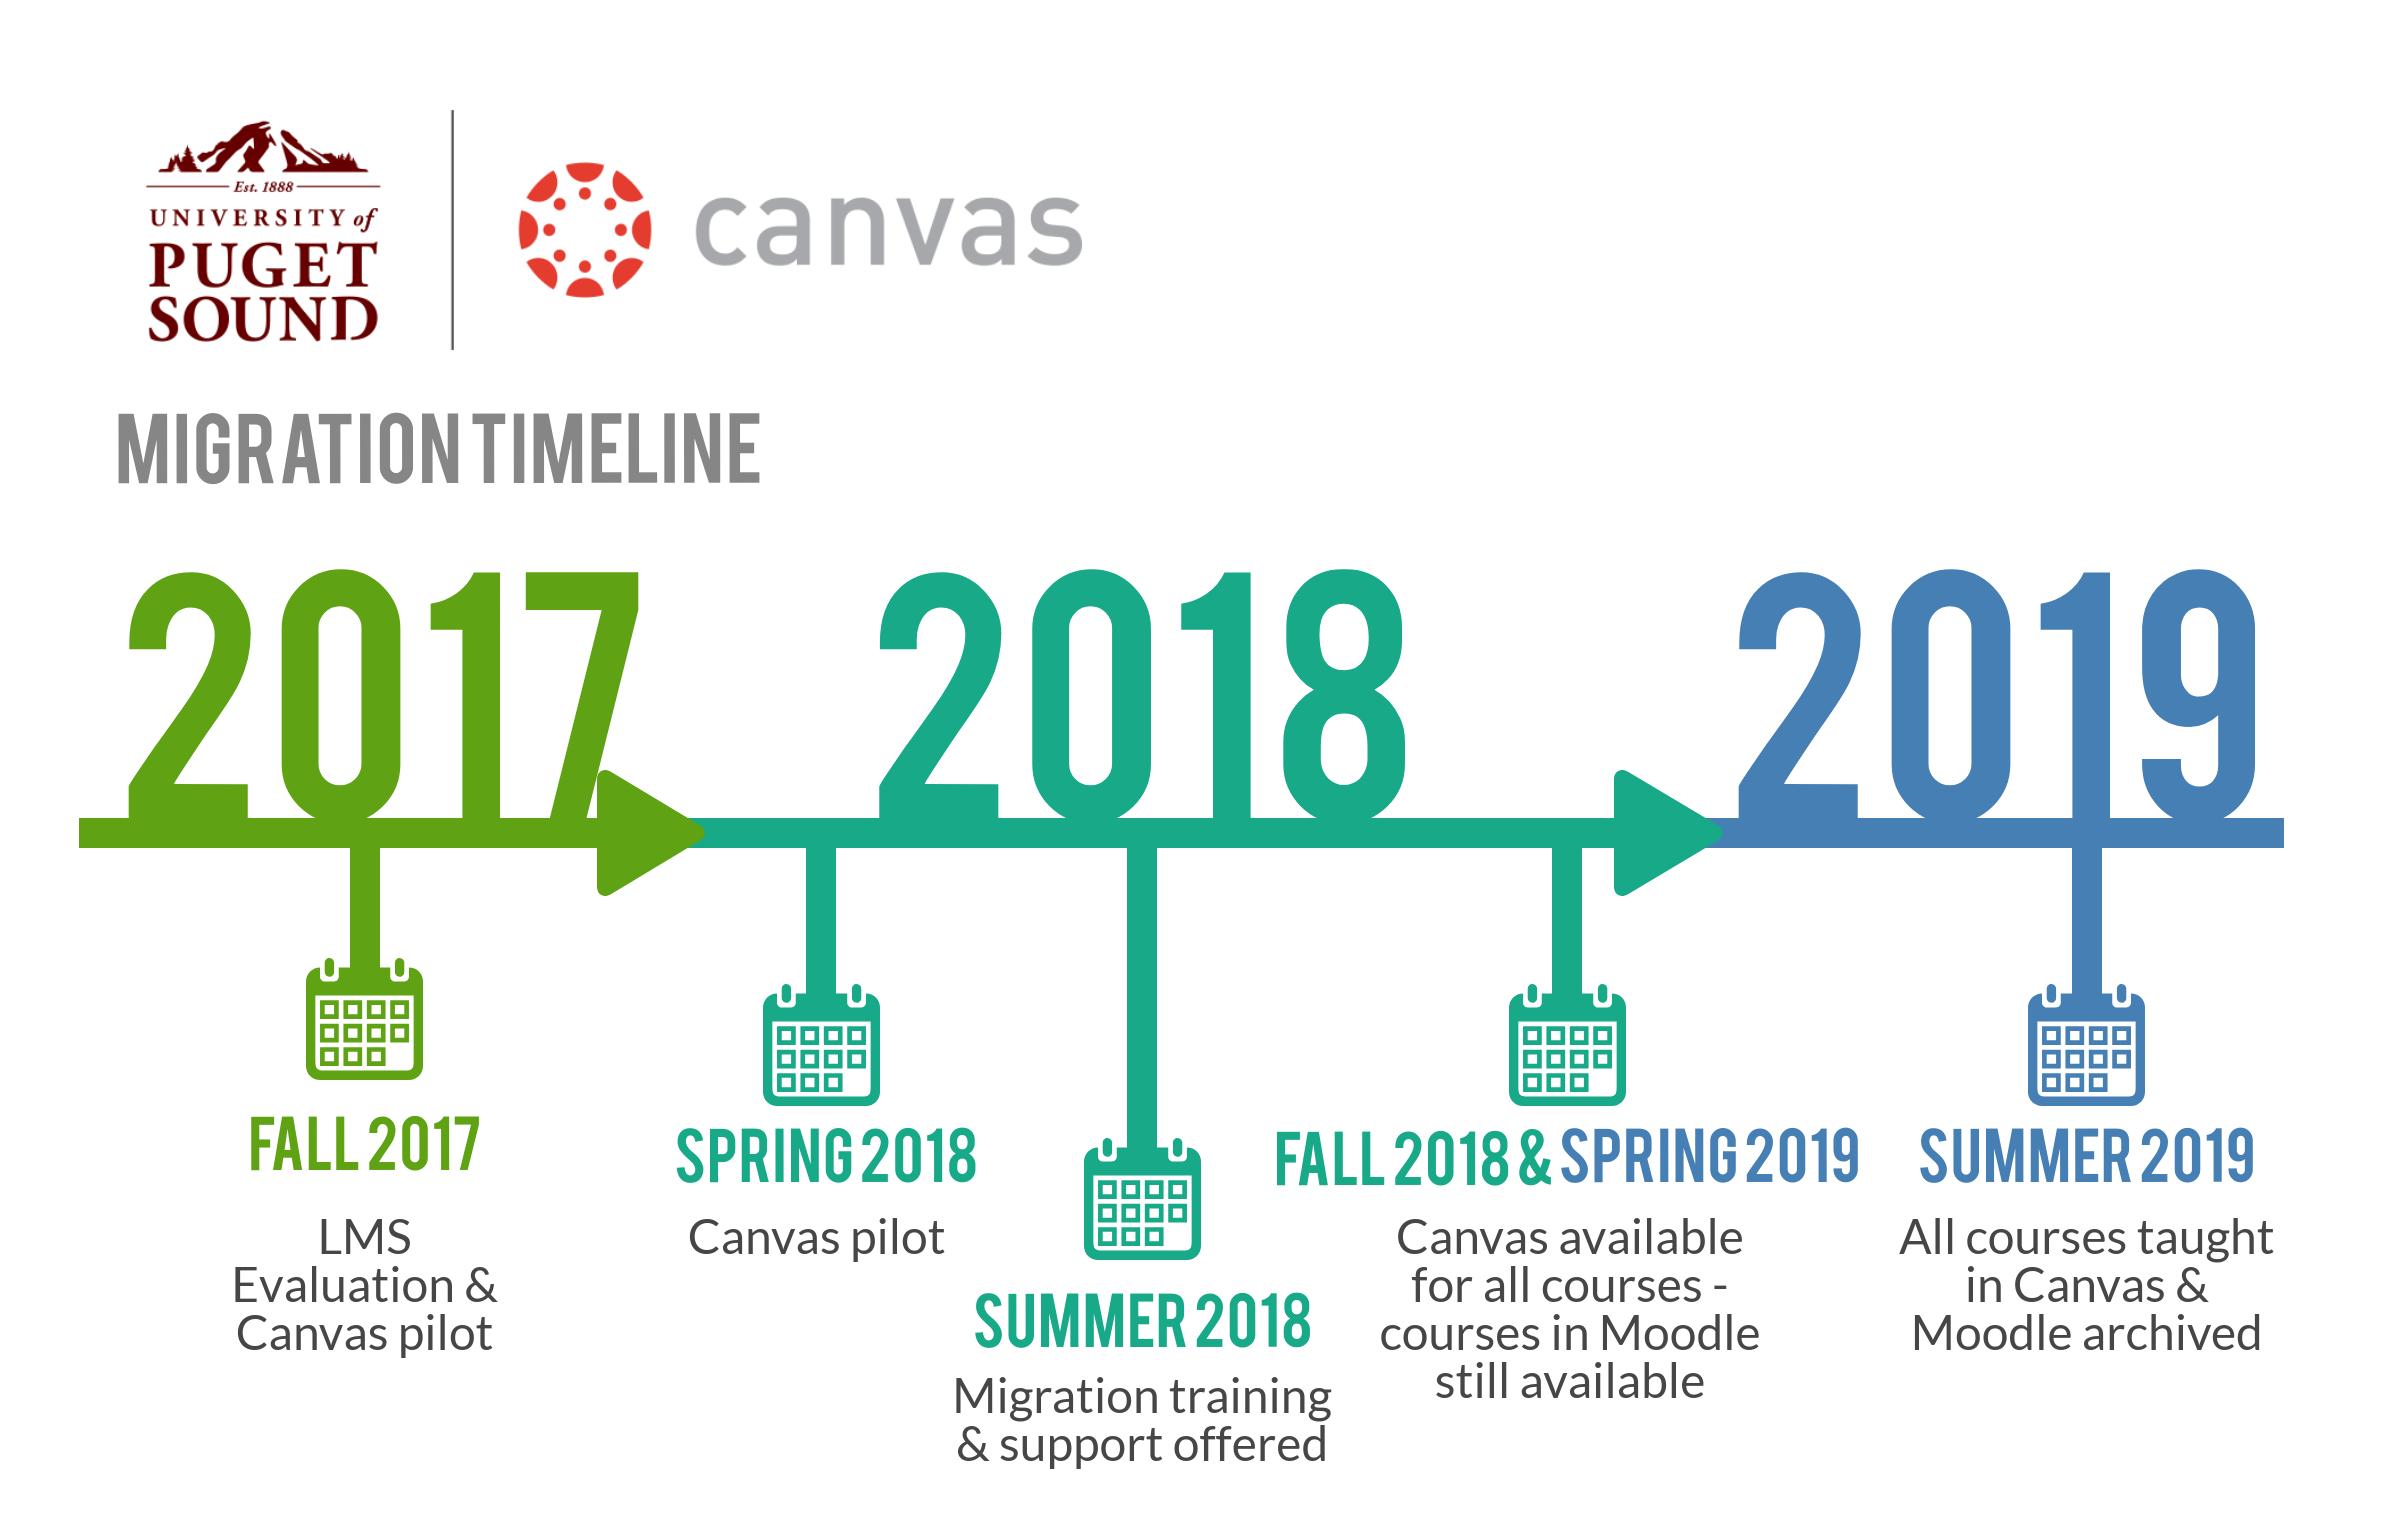 Puget Sound Canvas Migration Timeline